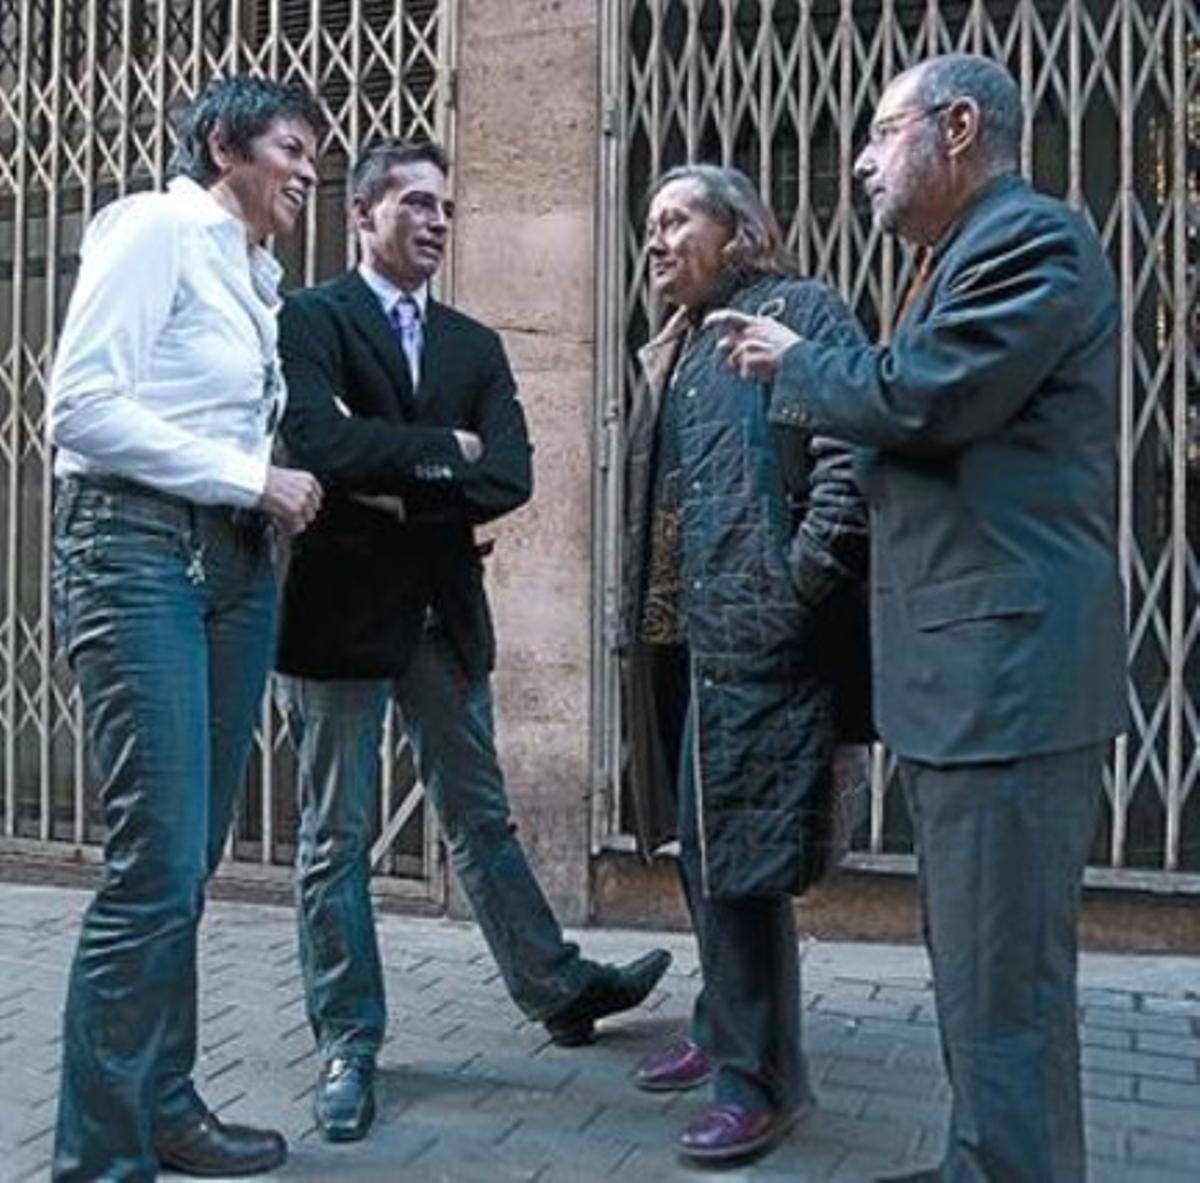 El local, cerrado, que albergó el Daniel's 8 De izquierda a derecha, Maria Giralt, Cèsar Martínez, Lupe Pulido y Jordi Petit, ayer.